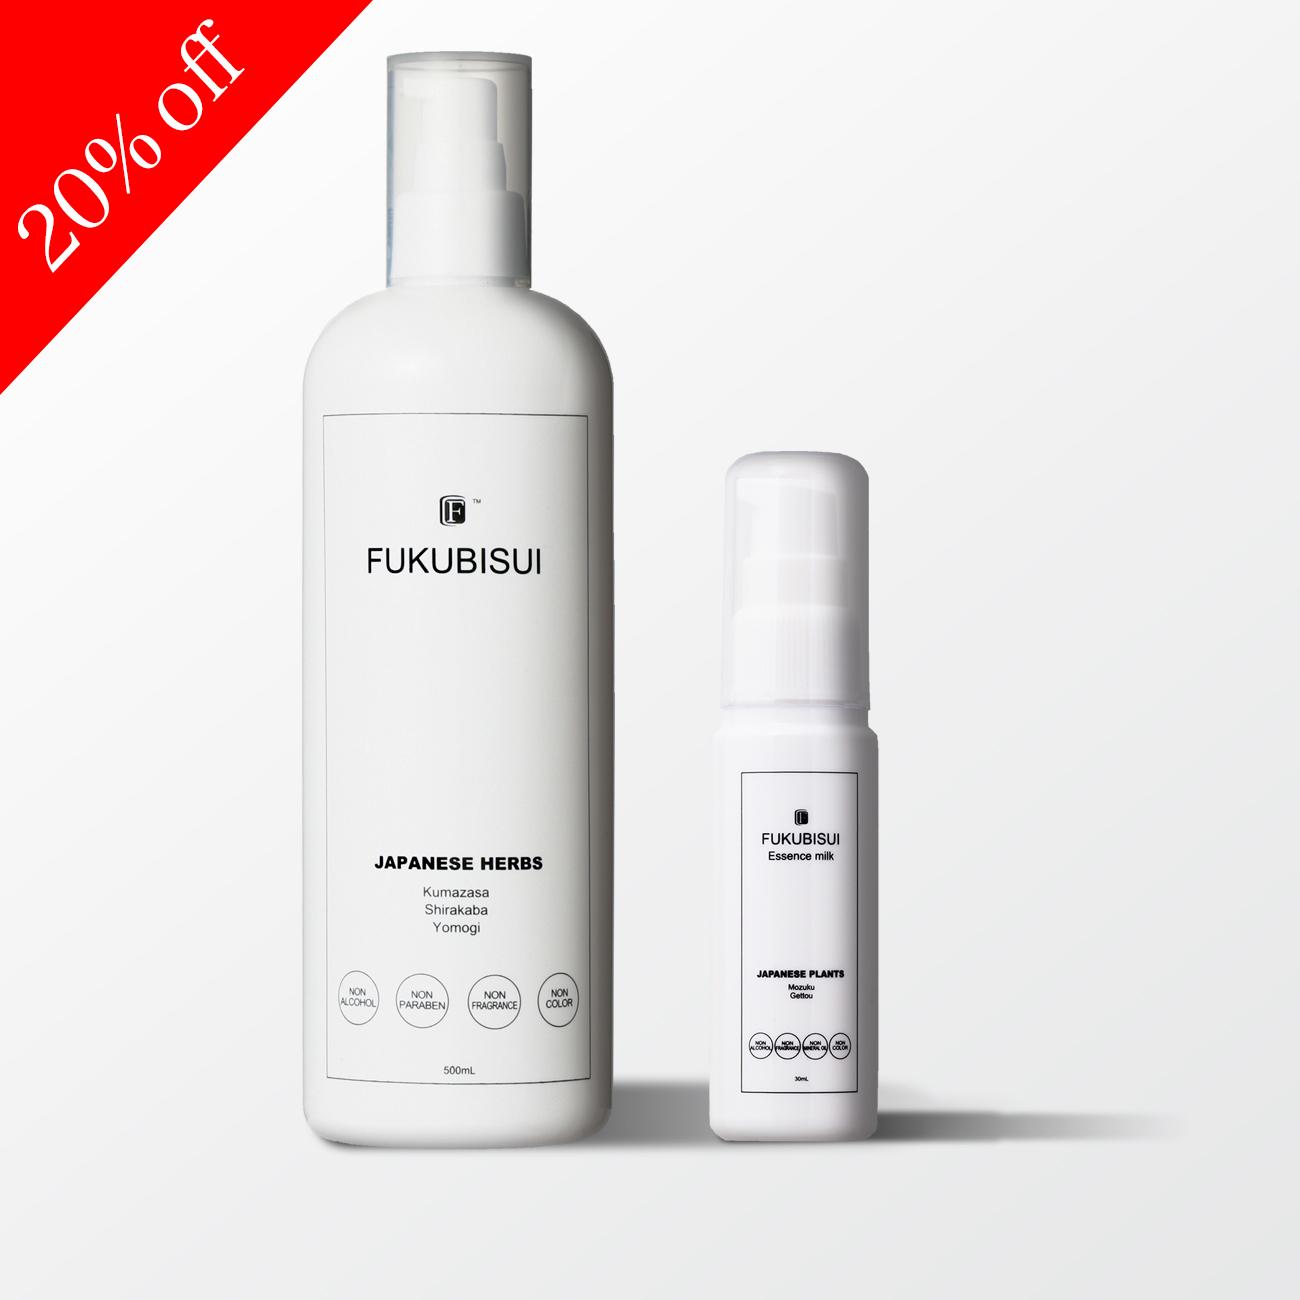 【定期購入】福美水 FUKUBISUI  + エッセンスミルク (美容乳液) セット